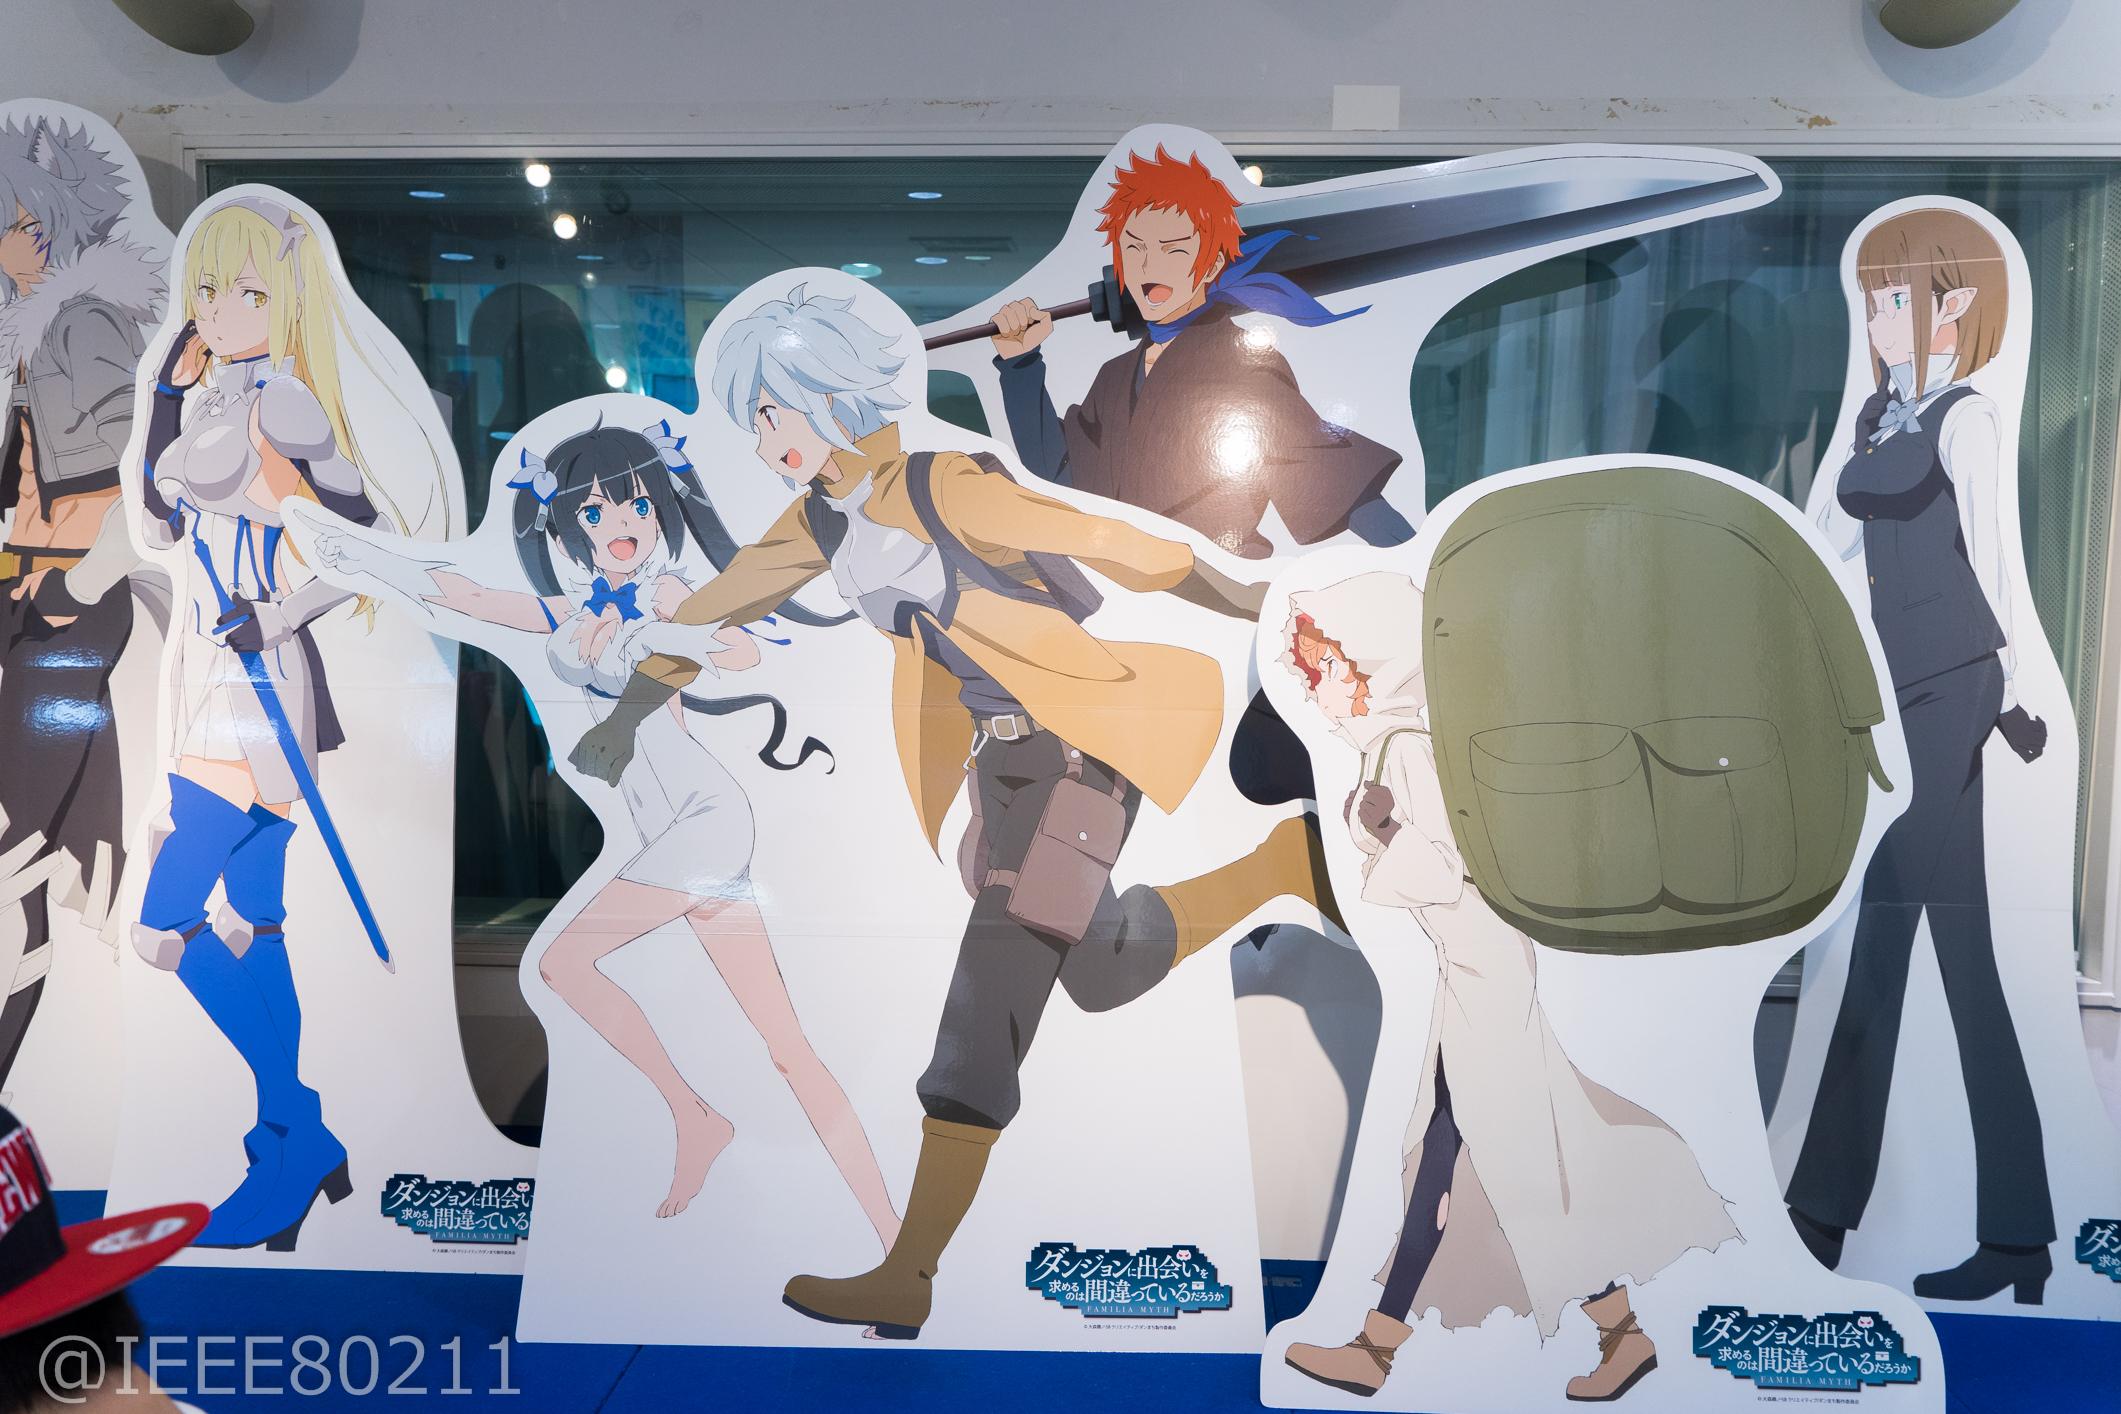 Dungeon ni Deai wo Motomeru no wa Machigatteiru Darou ka Danmachi Exhibition in Akiba Previewed 003